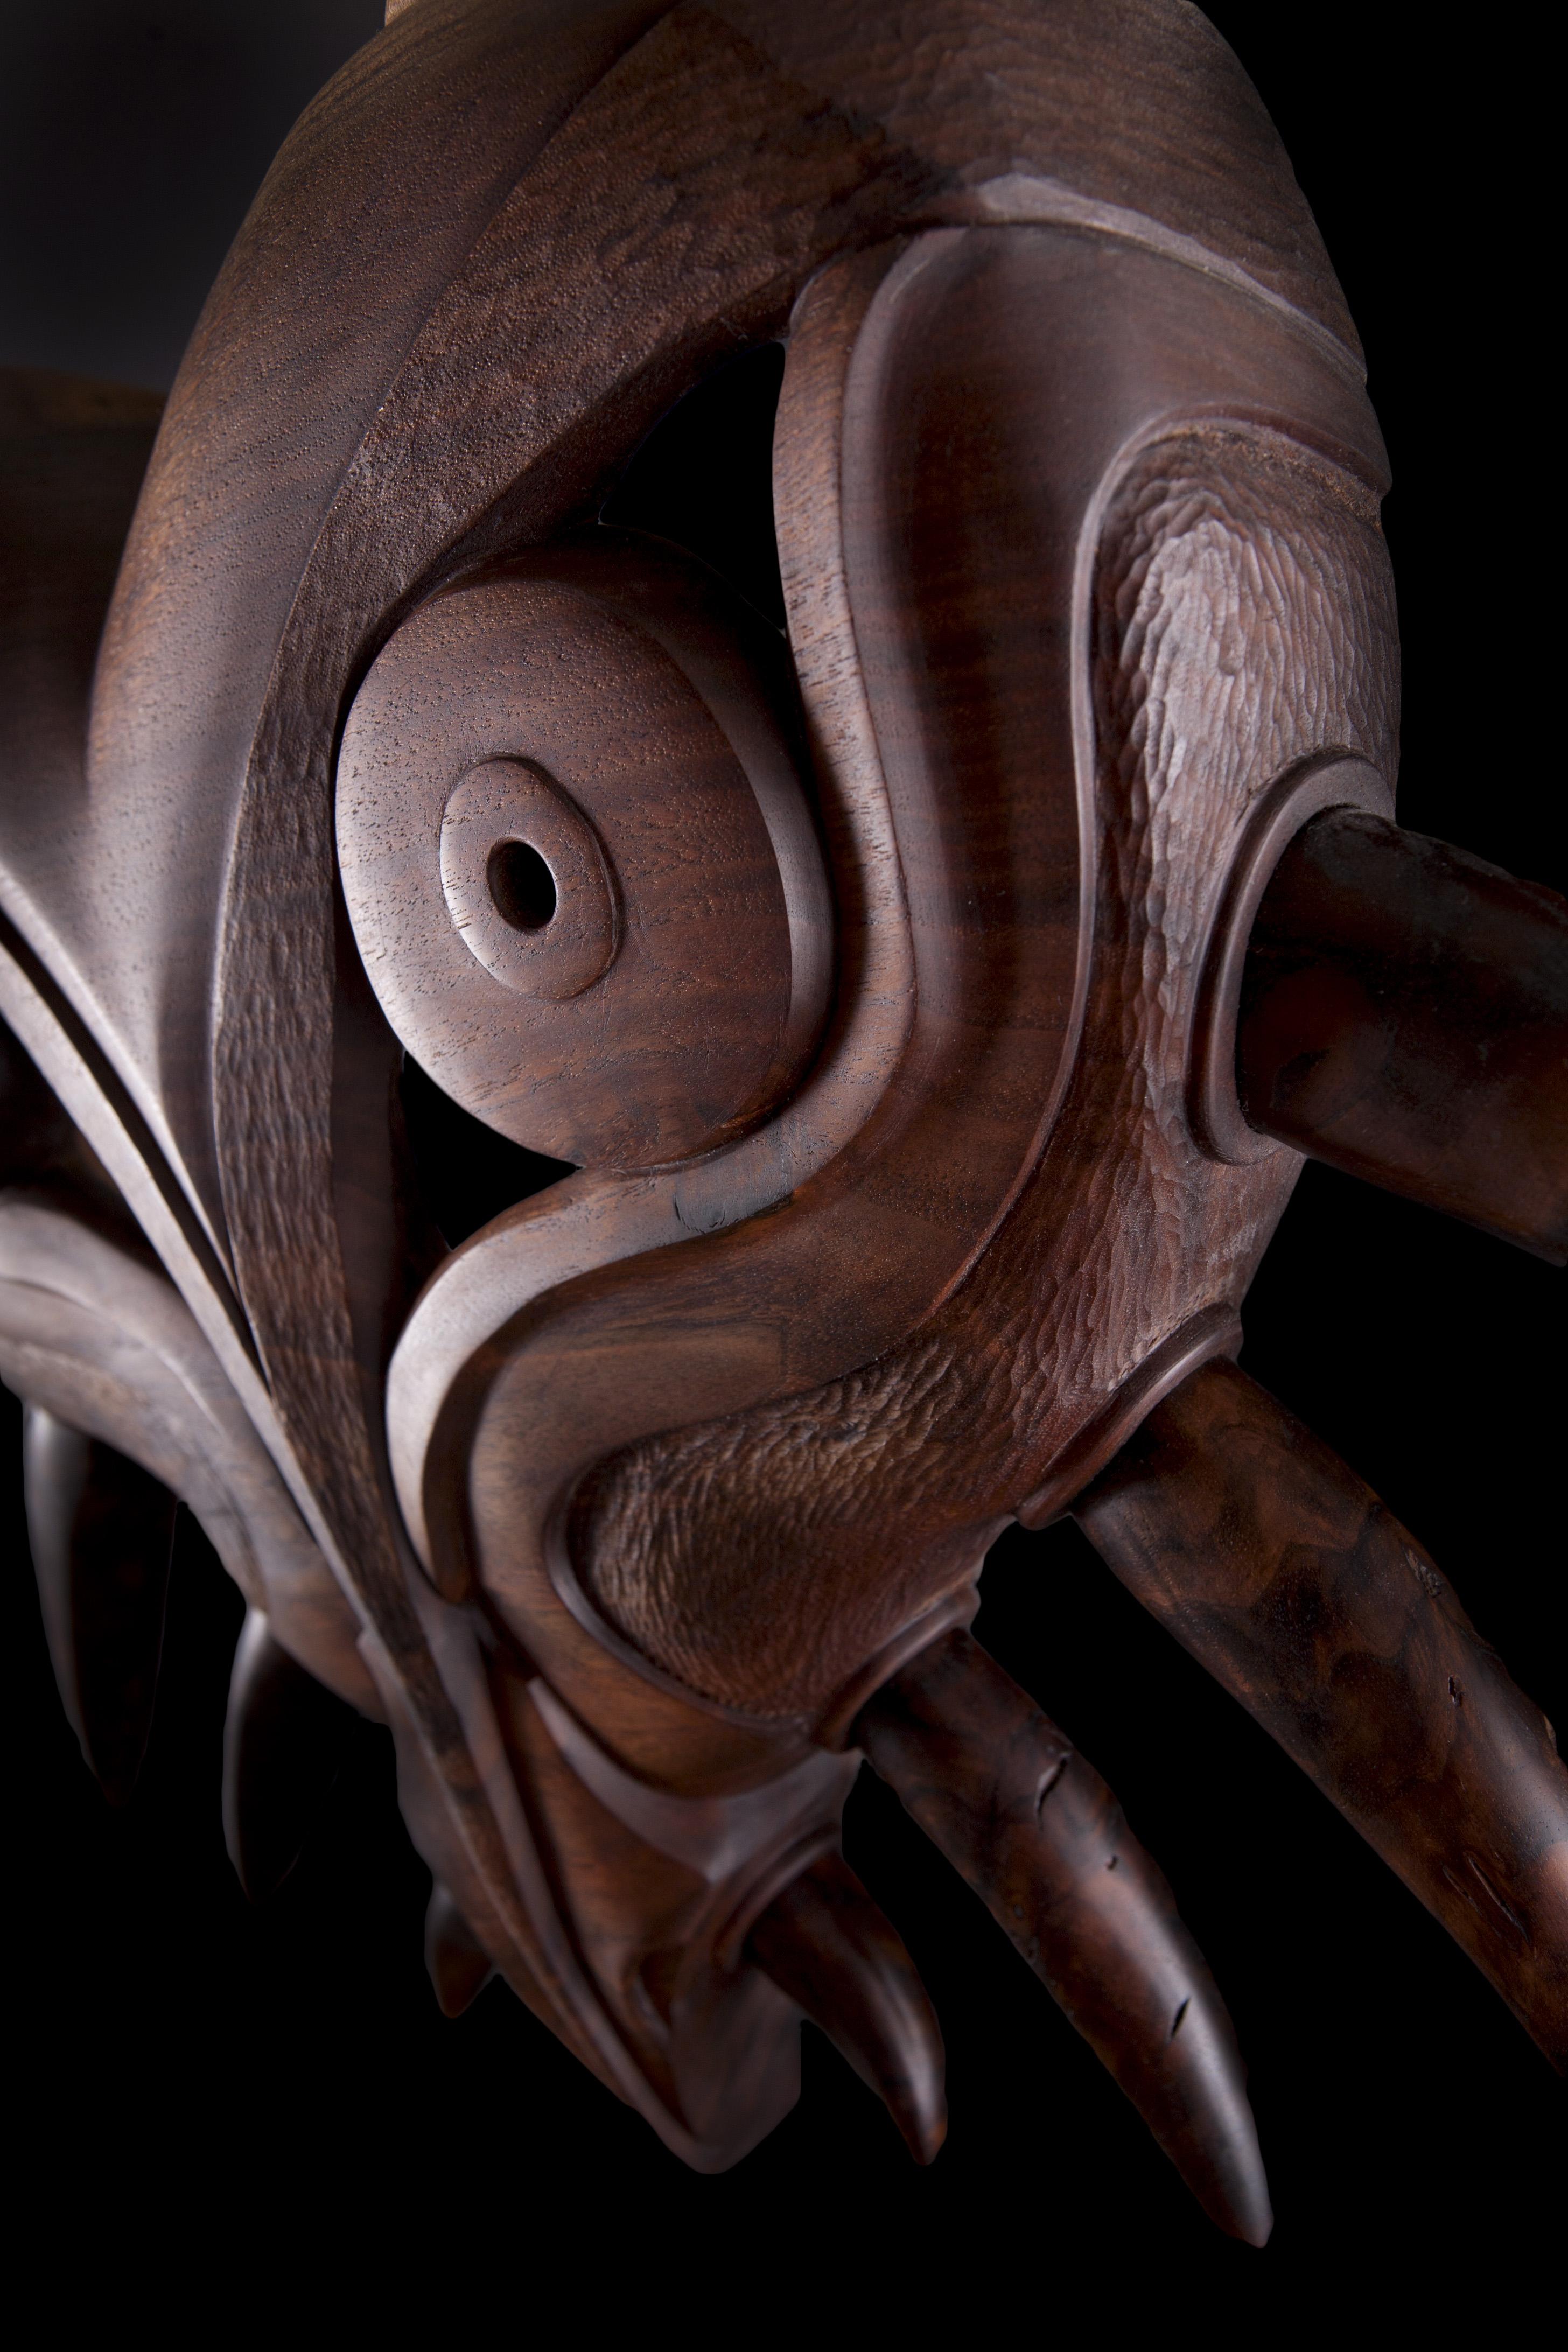 Majora's Mask, Haida mantis